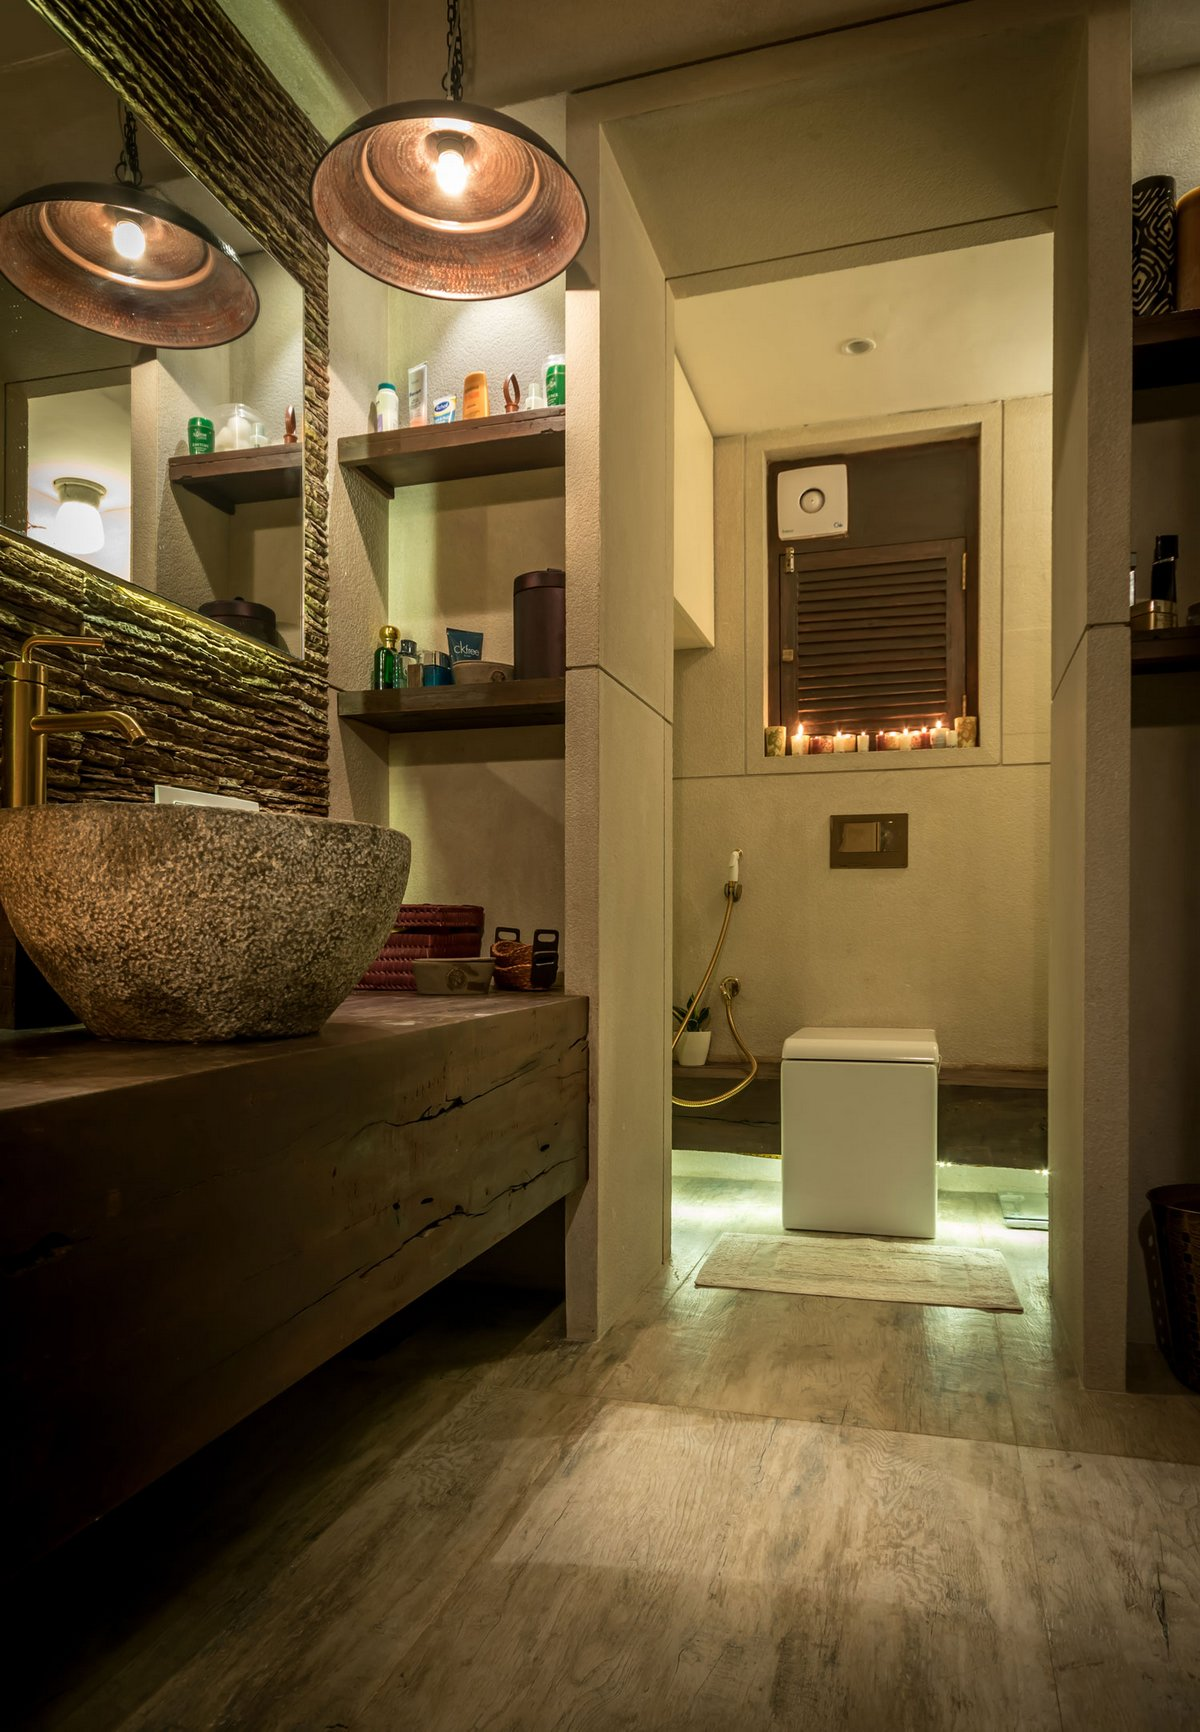 Jains, Skyward Inc, частные дома в Индии, частные дома в Мумбаи, индийский дизайн интерьера, индийский частный дом фото, греческий интерьер фото